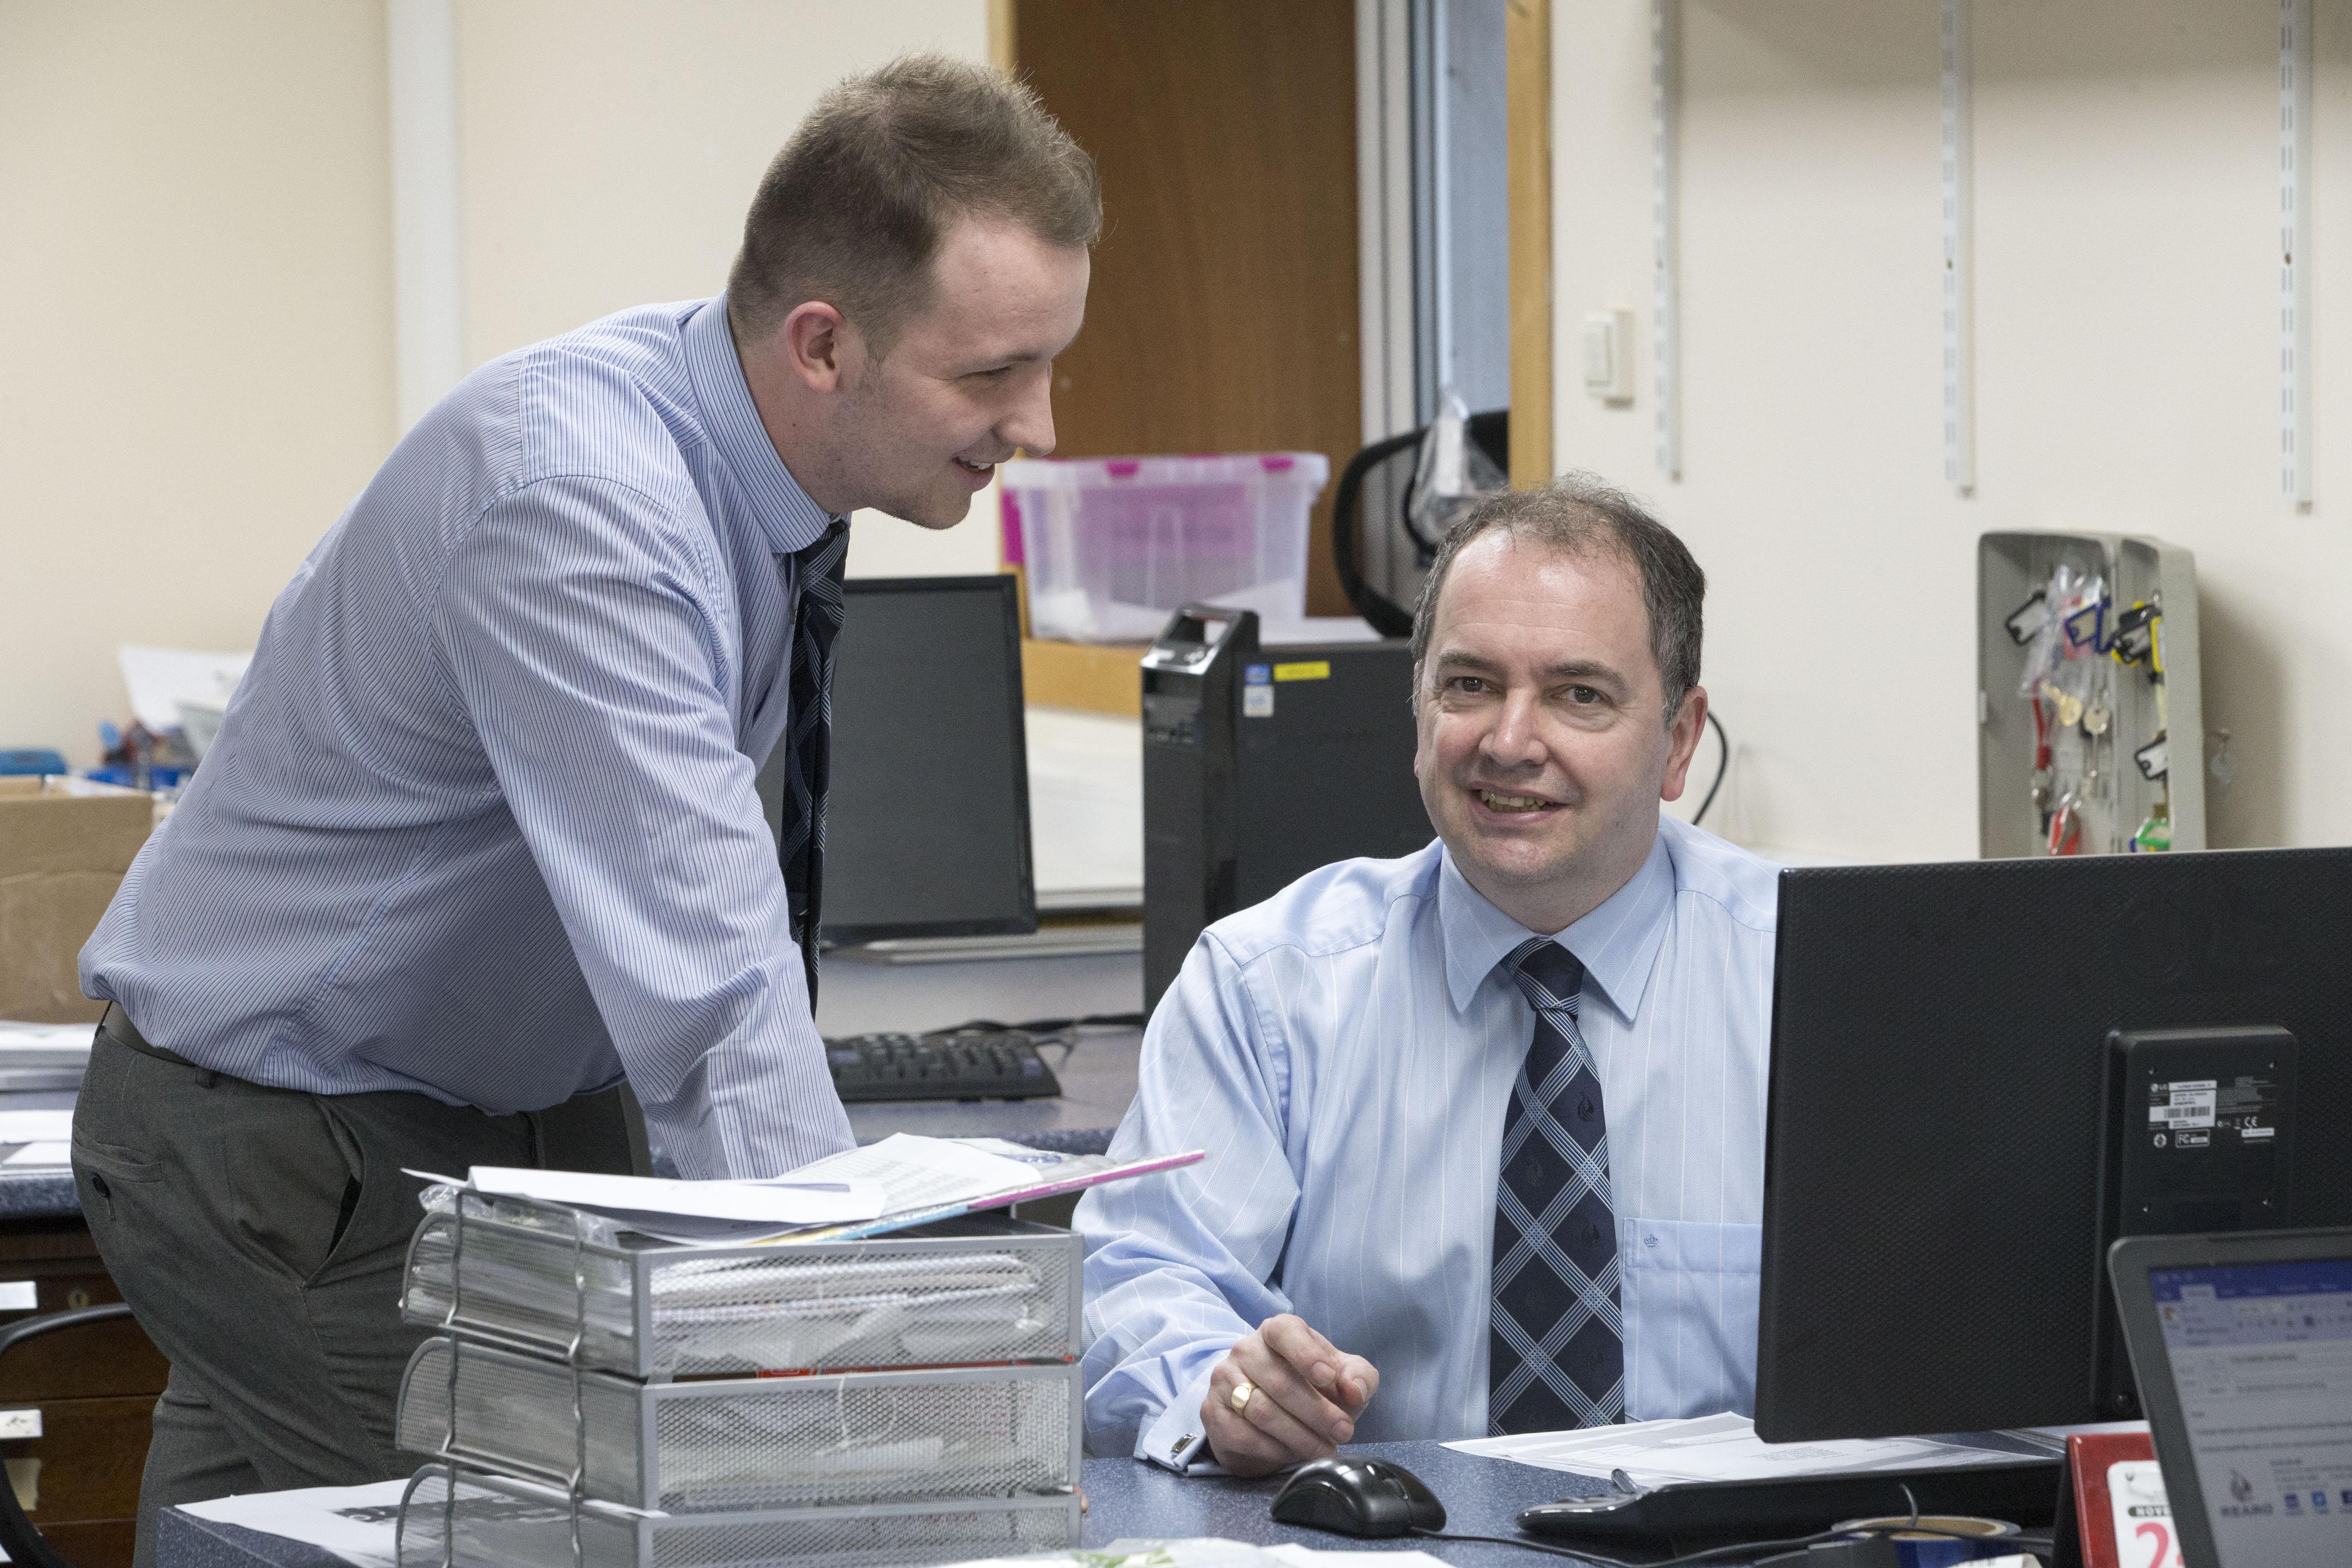 Liam Gray and Ian Wright